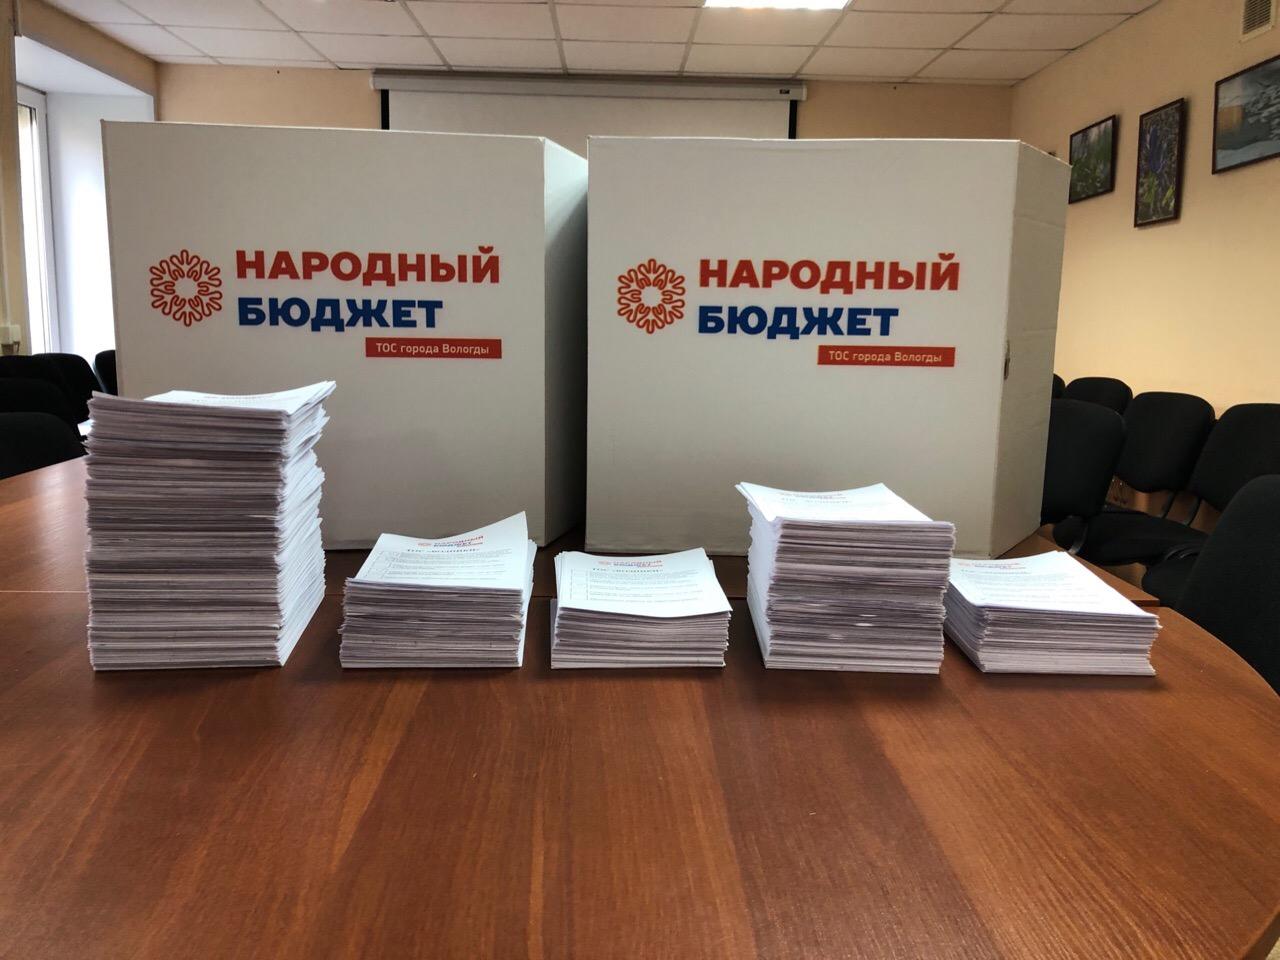 Выбраны инициативы в рамках проекта «Народный бюджет ТОС» в Вологде